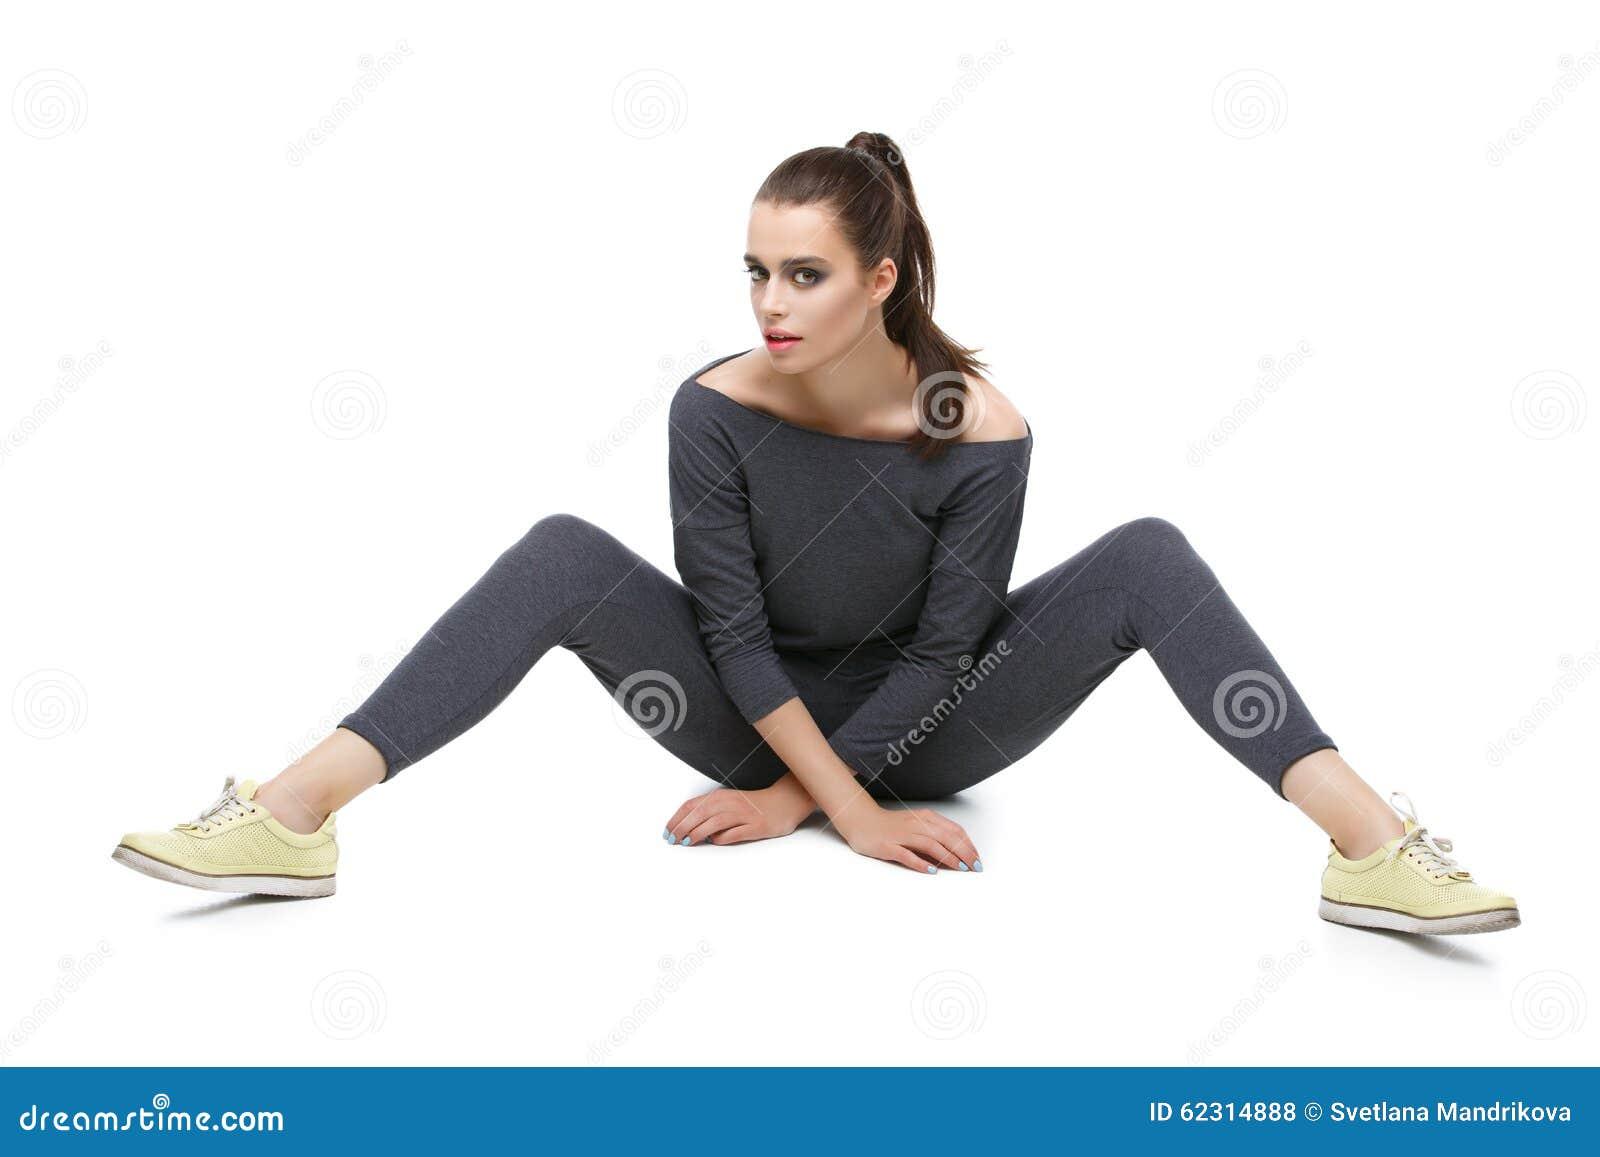 Women Legs Spread Open 98